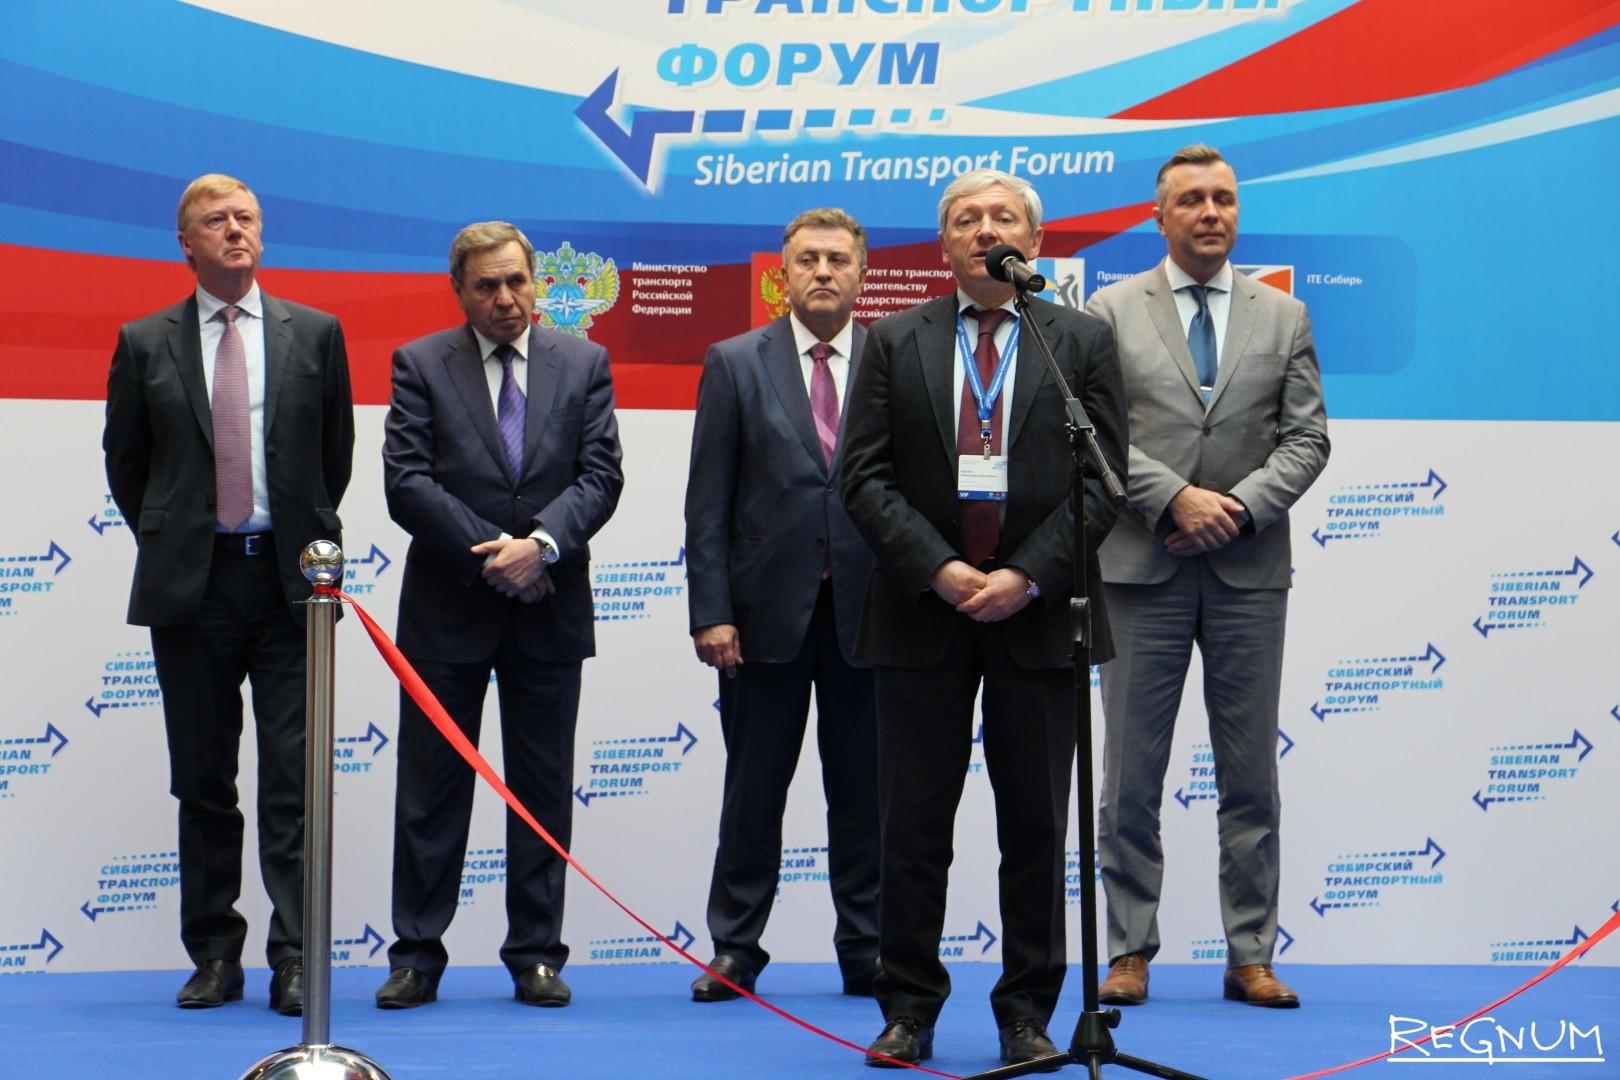 Замминистра транспорта РФ Александр Юрчик на открытии Сибирского транспортного форума